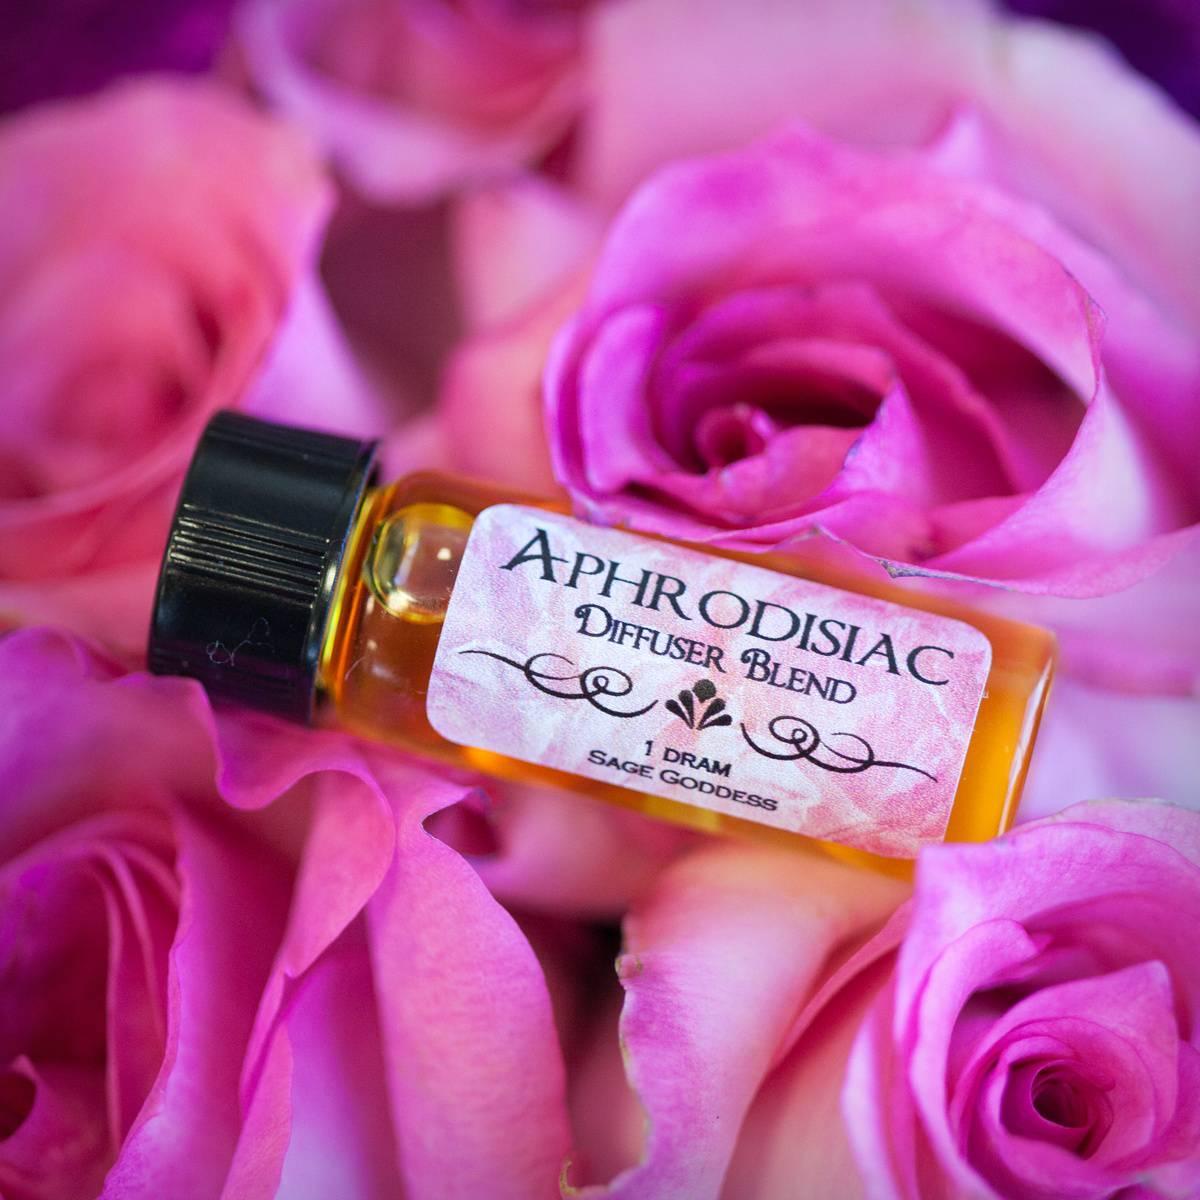 Aphrodisiac Diffuser oil 2_4